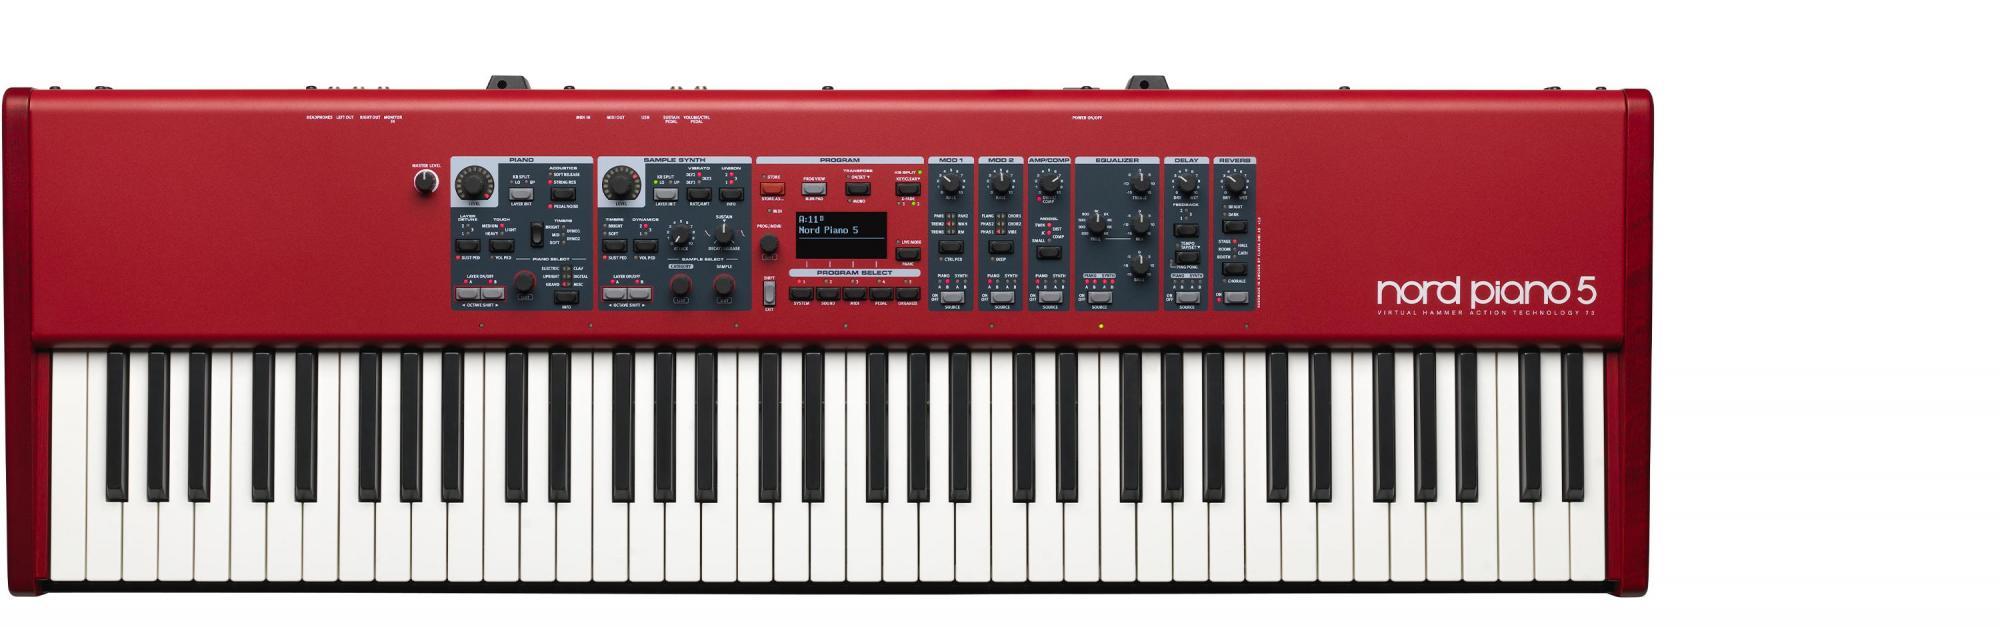 Clavia Nord Piano 5 73